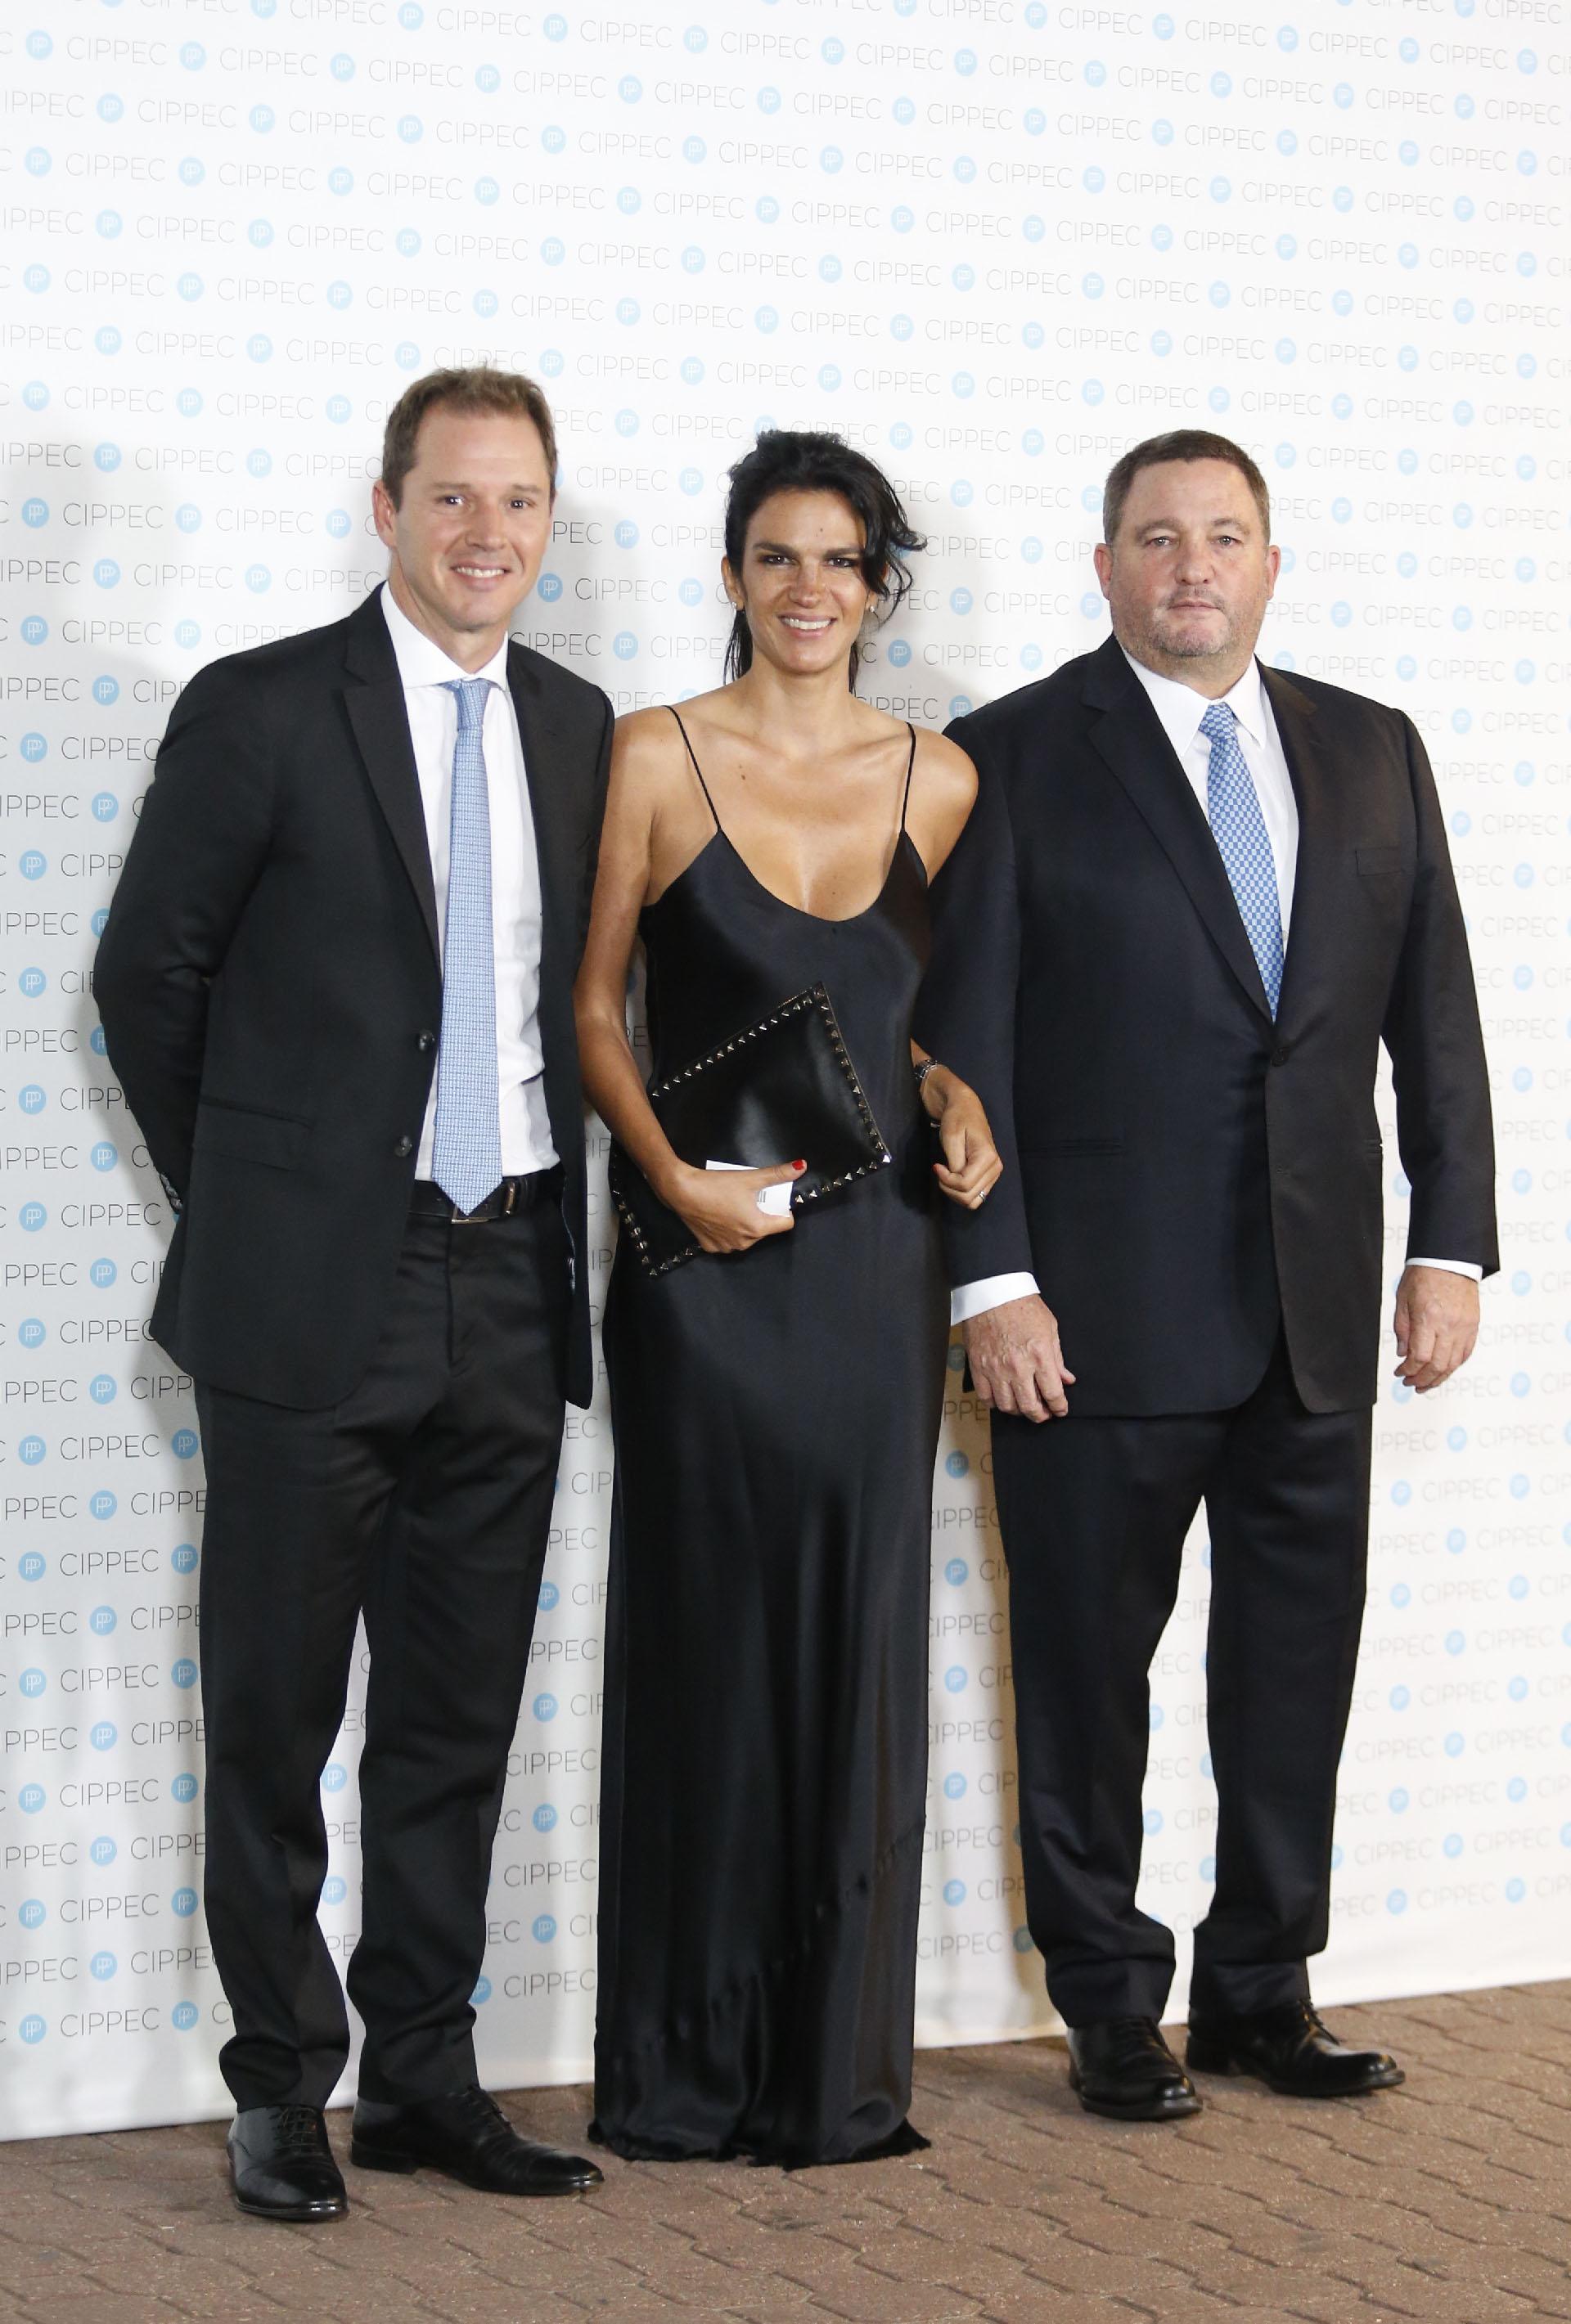 Jorge Brito y su mujer Gabriela Vaca Guzman junto a Alejandro Macfarlane